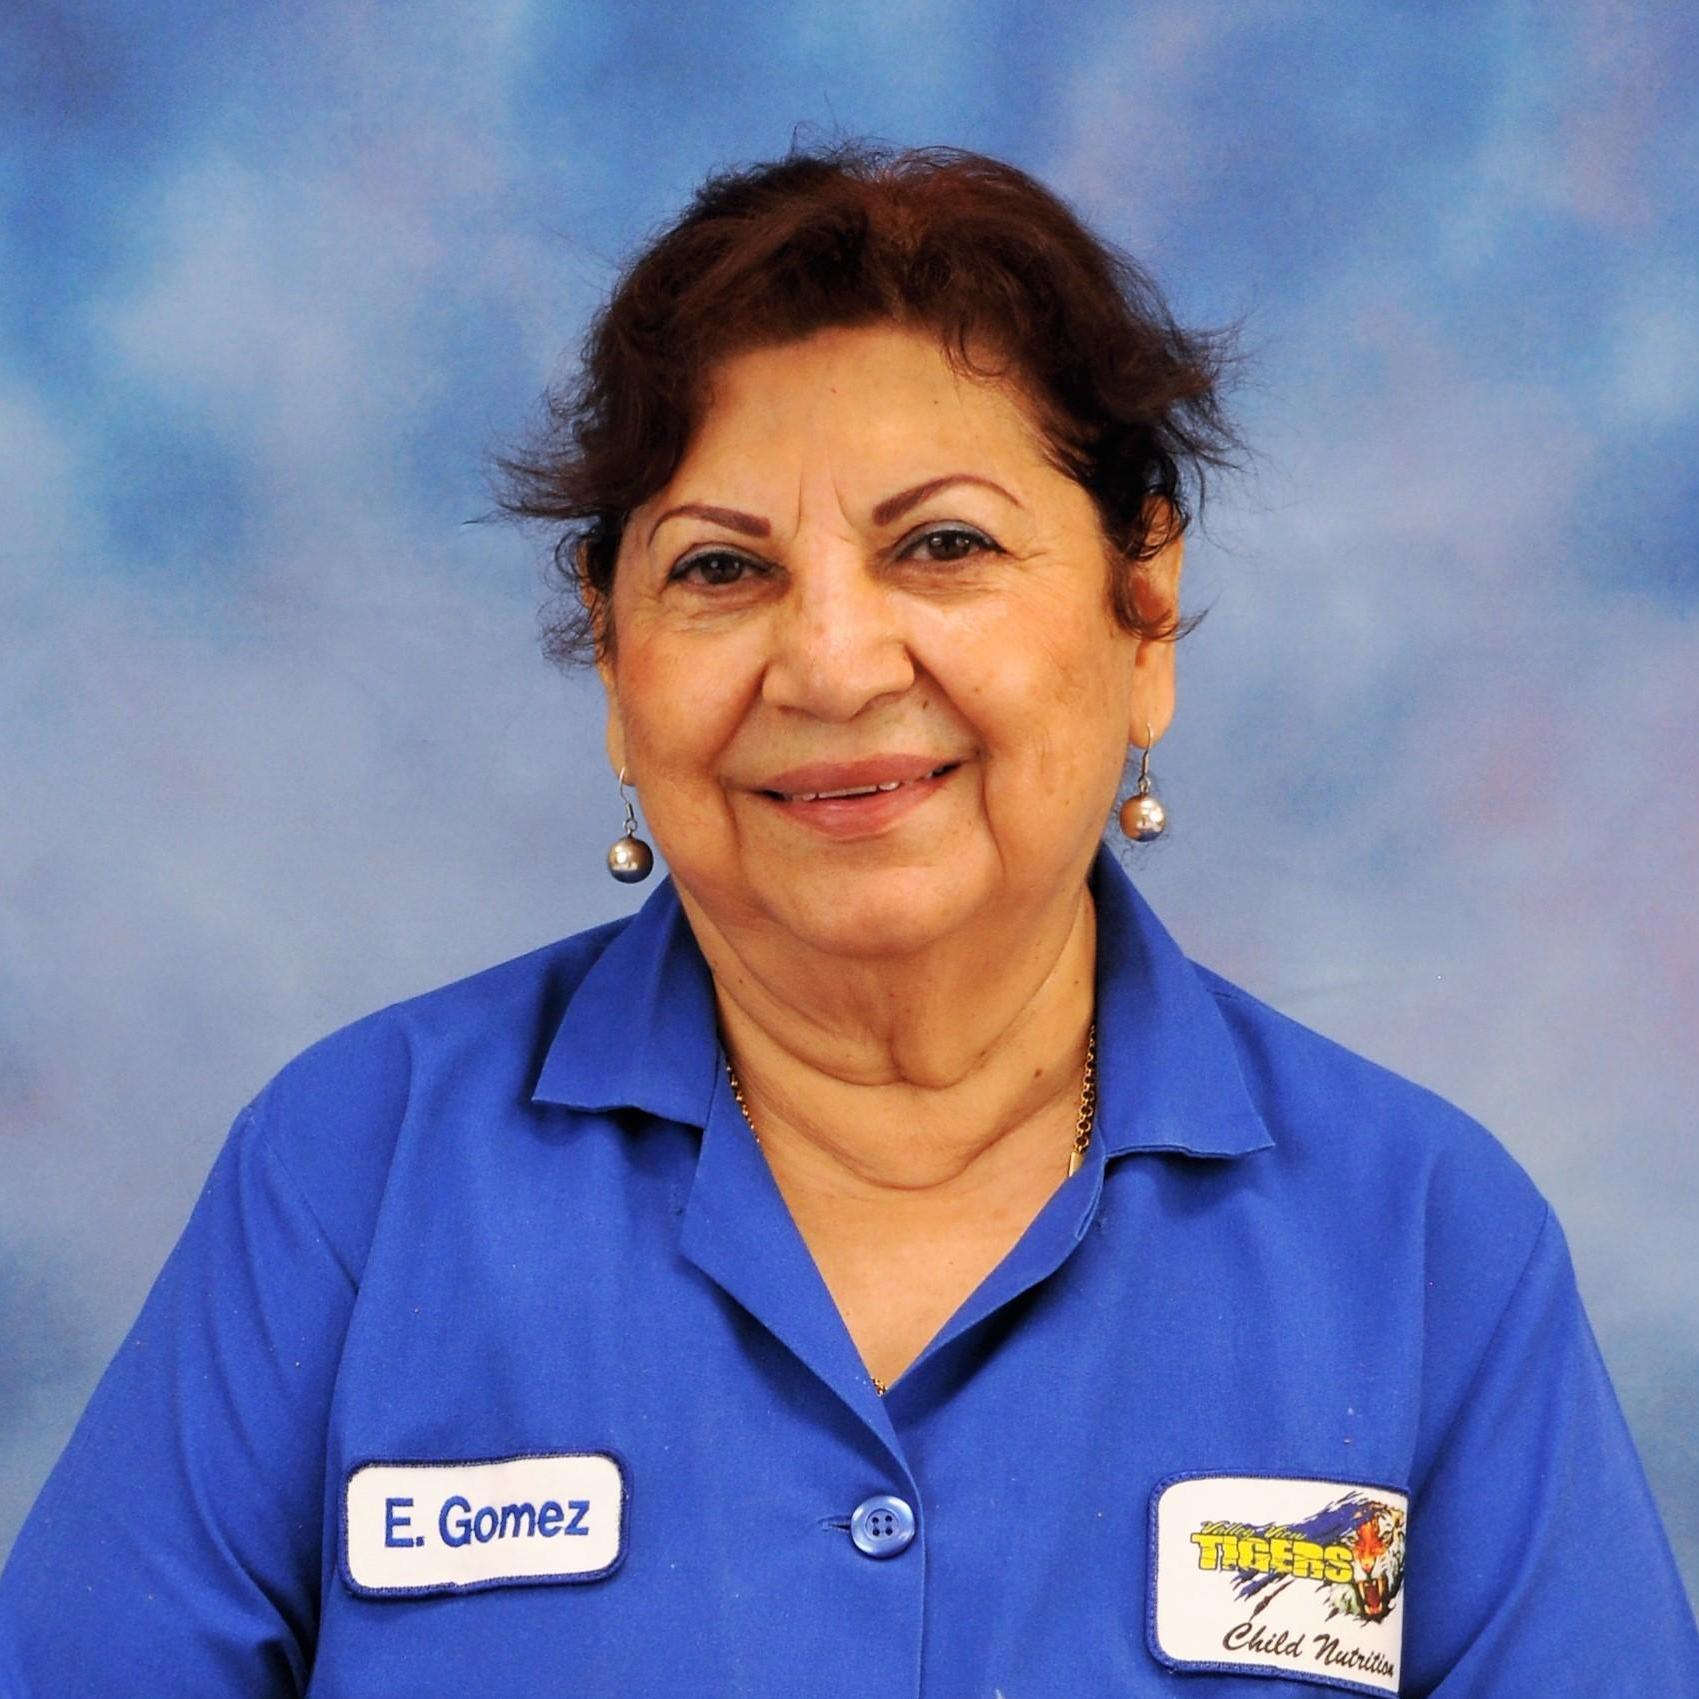 Ester Gomez's Profile Photo